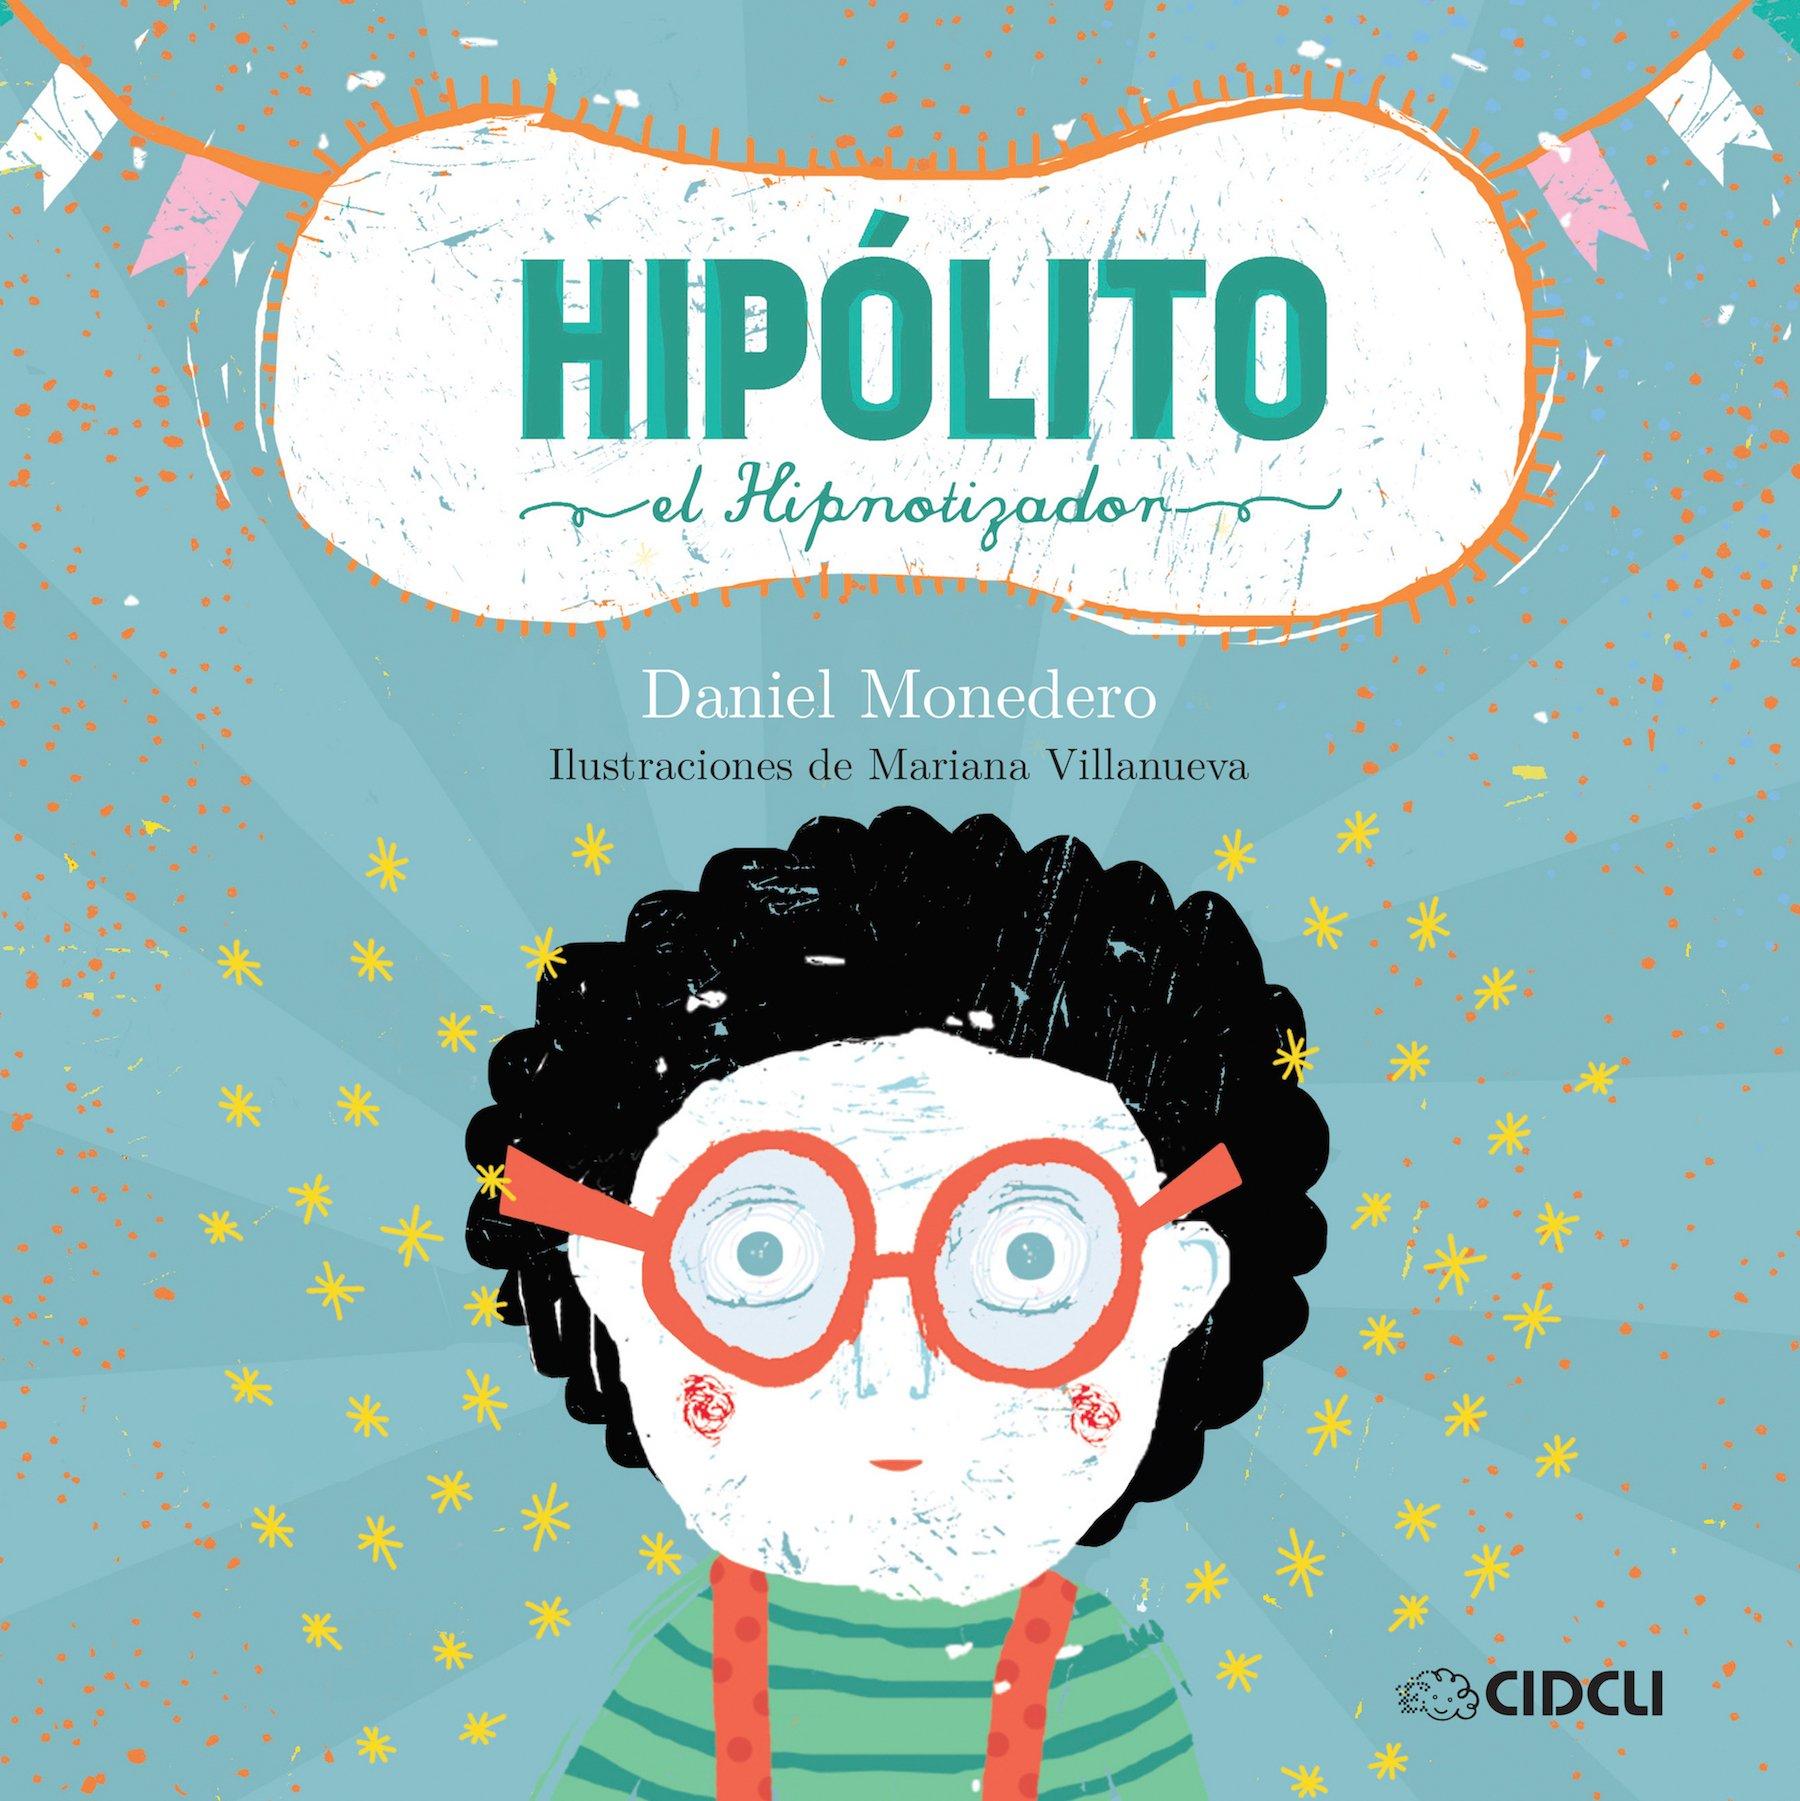 Amazon.com: HIPOLITO EL HIPNOTIZADOR (9786078351466): Daniel ...